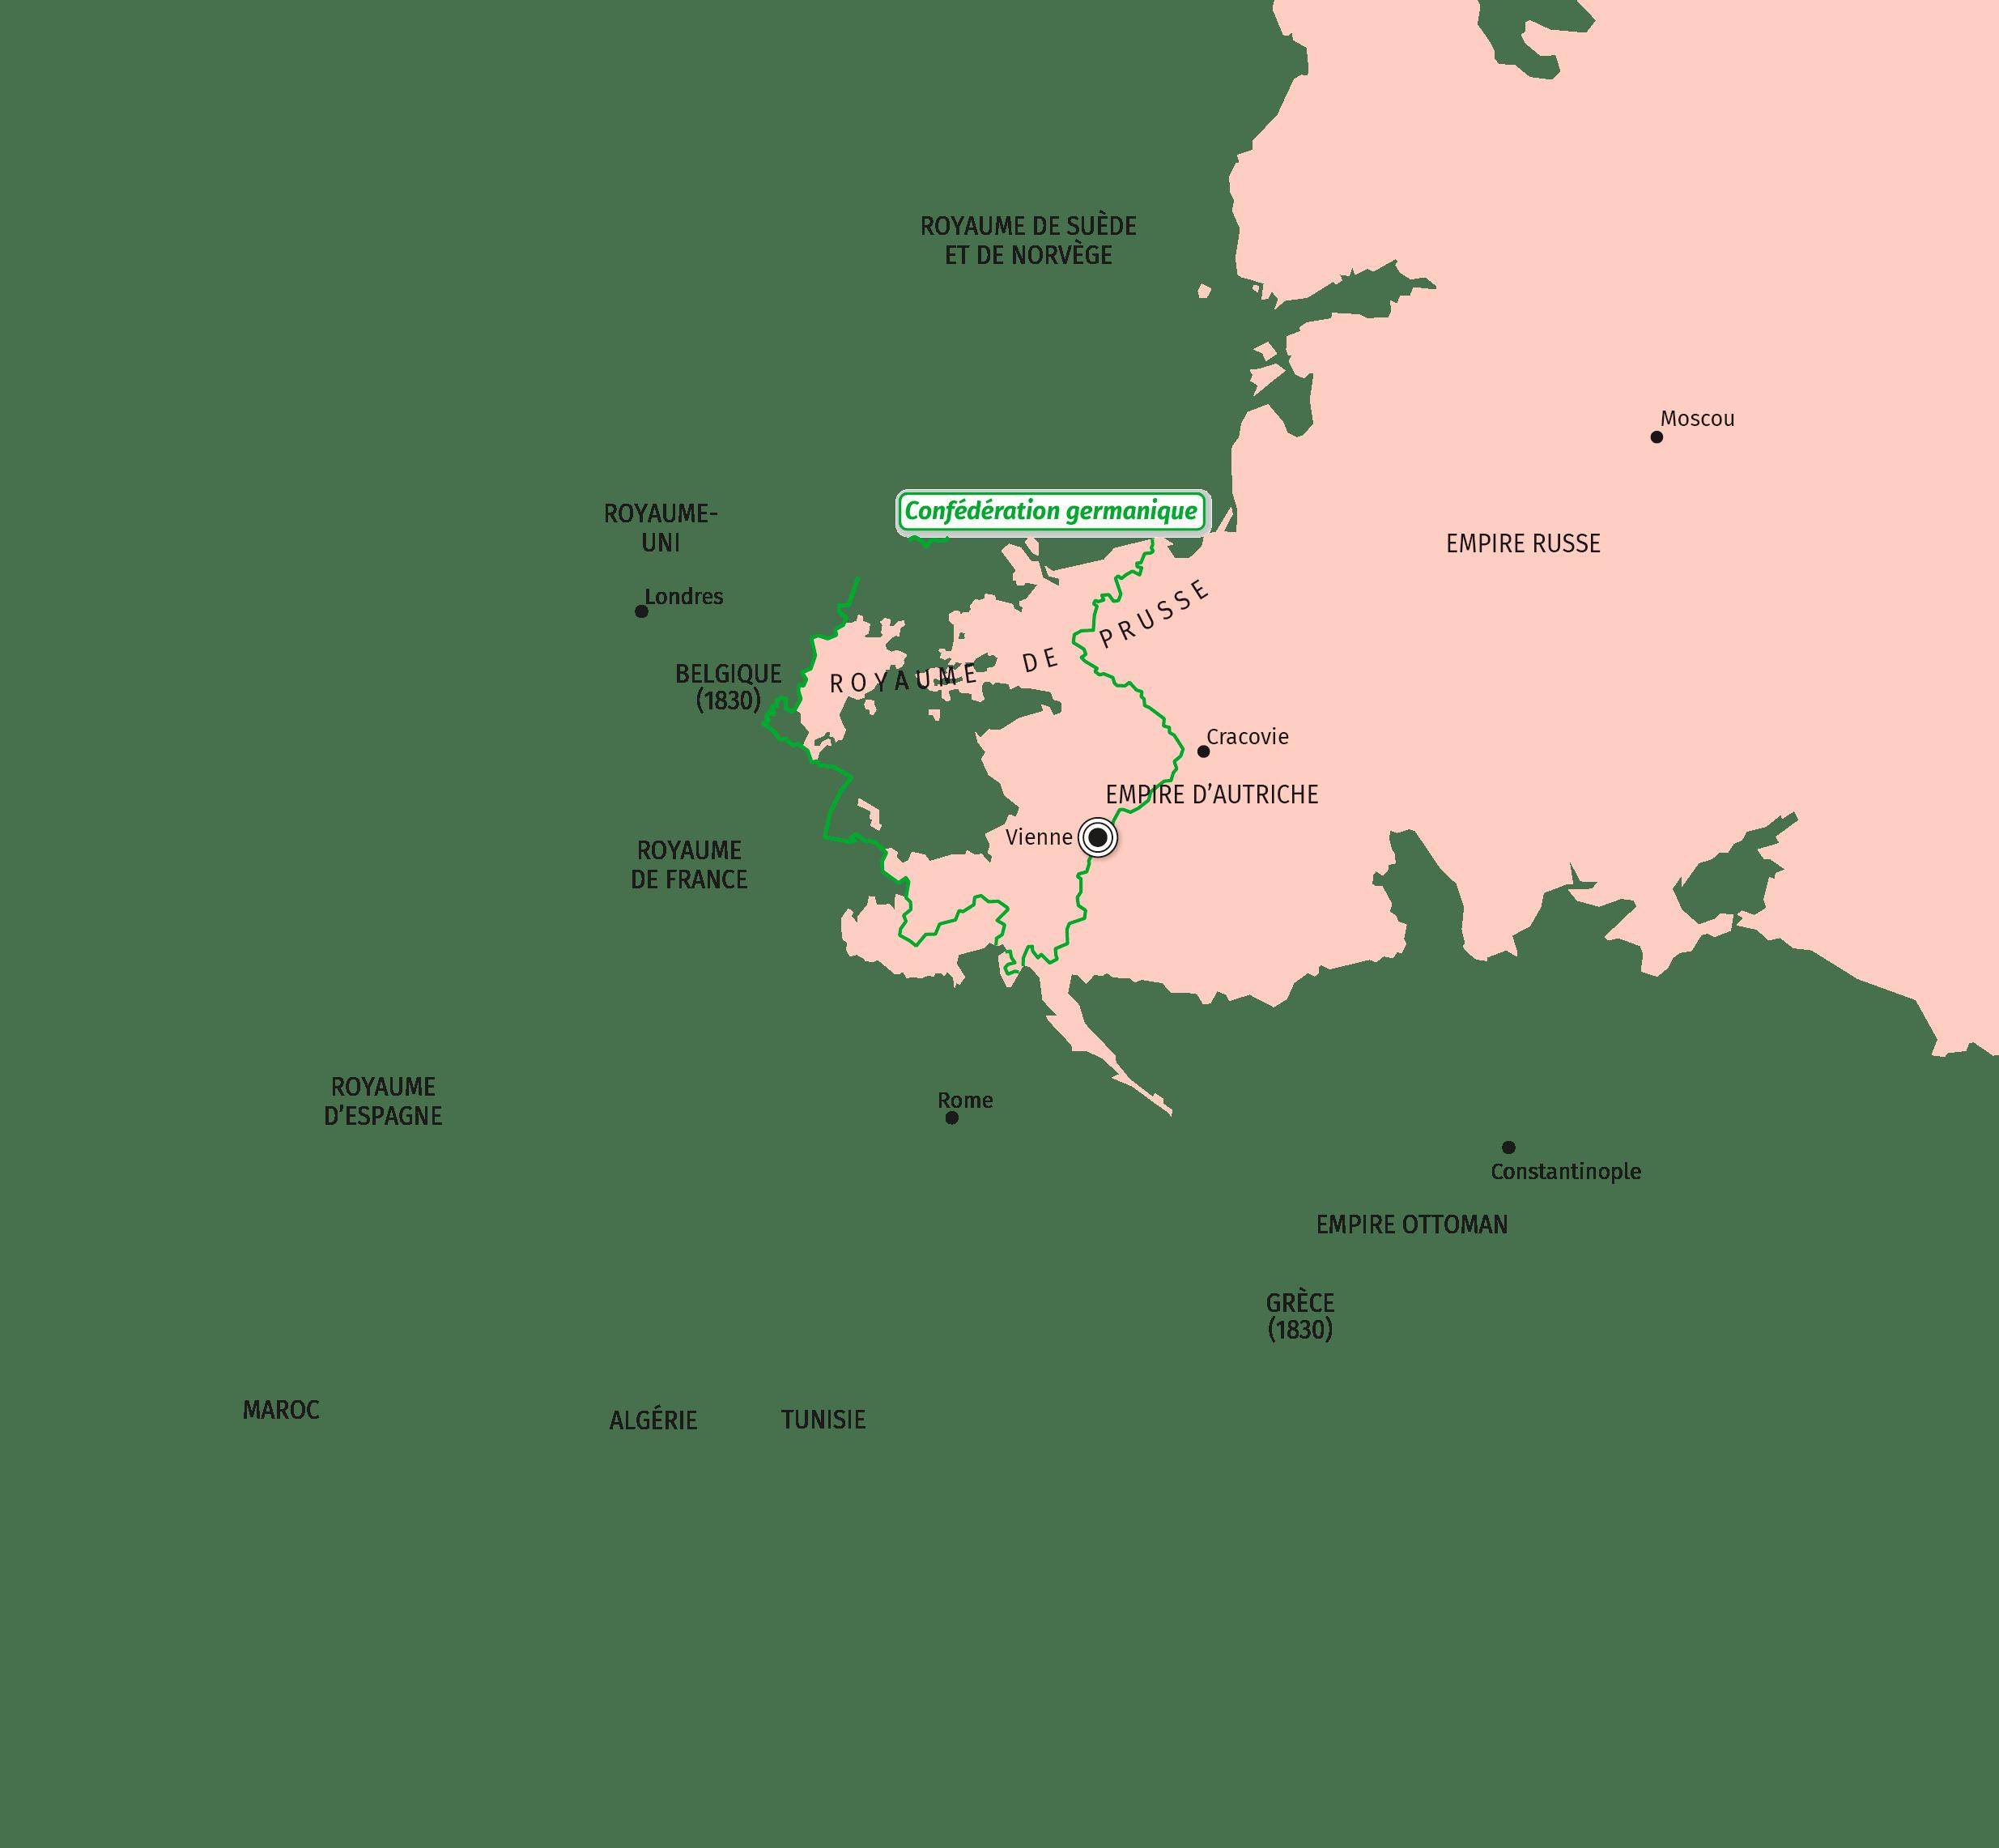 États membres de la Sainte-Alliance